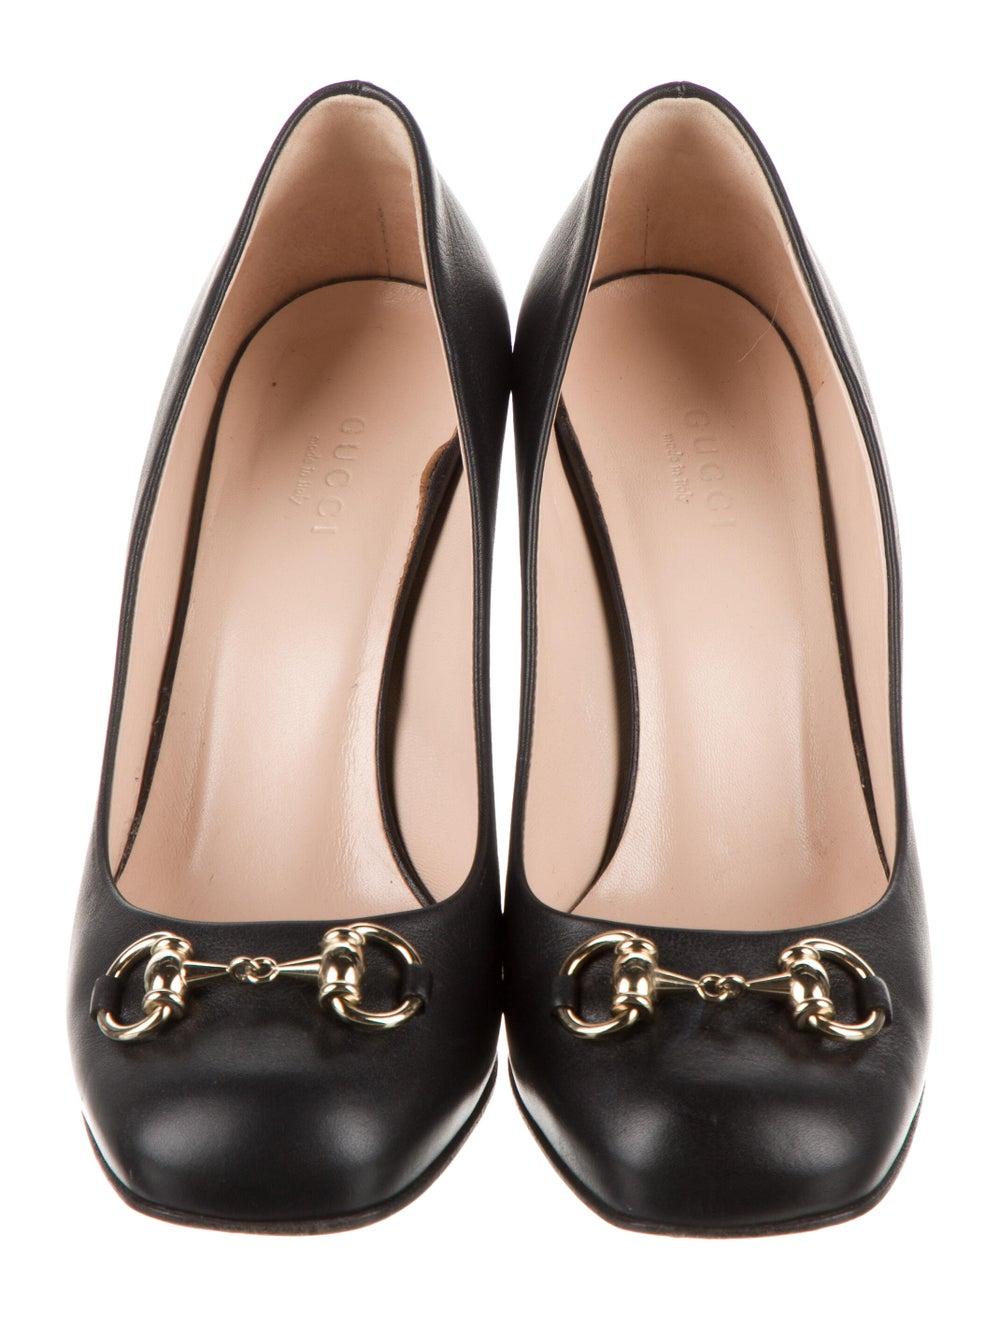 Gucci Horsebit Accent Leather Pumps Black - image 3